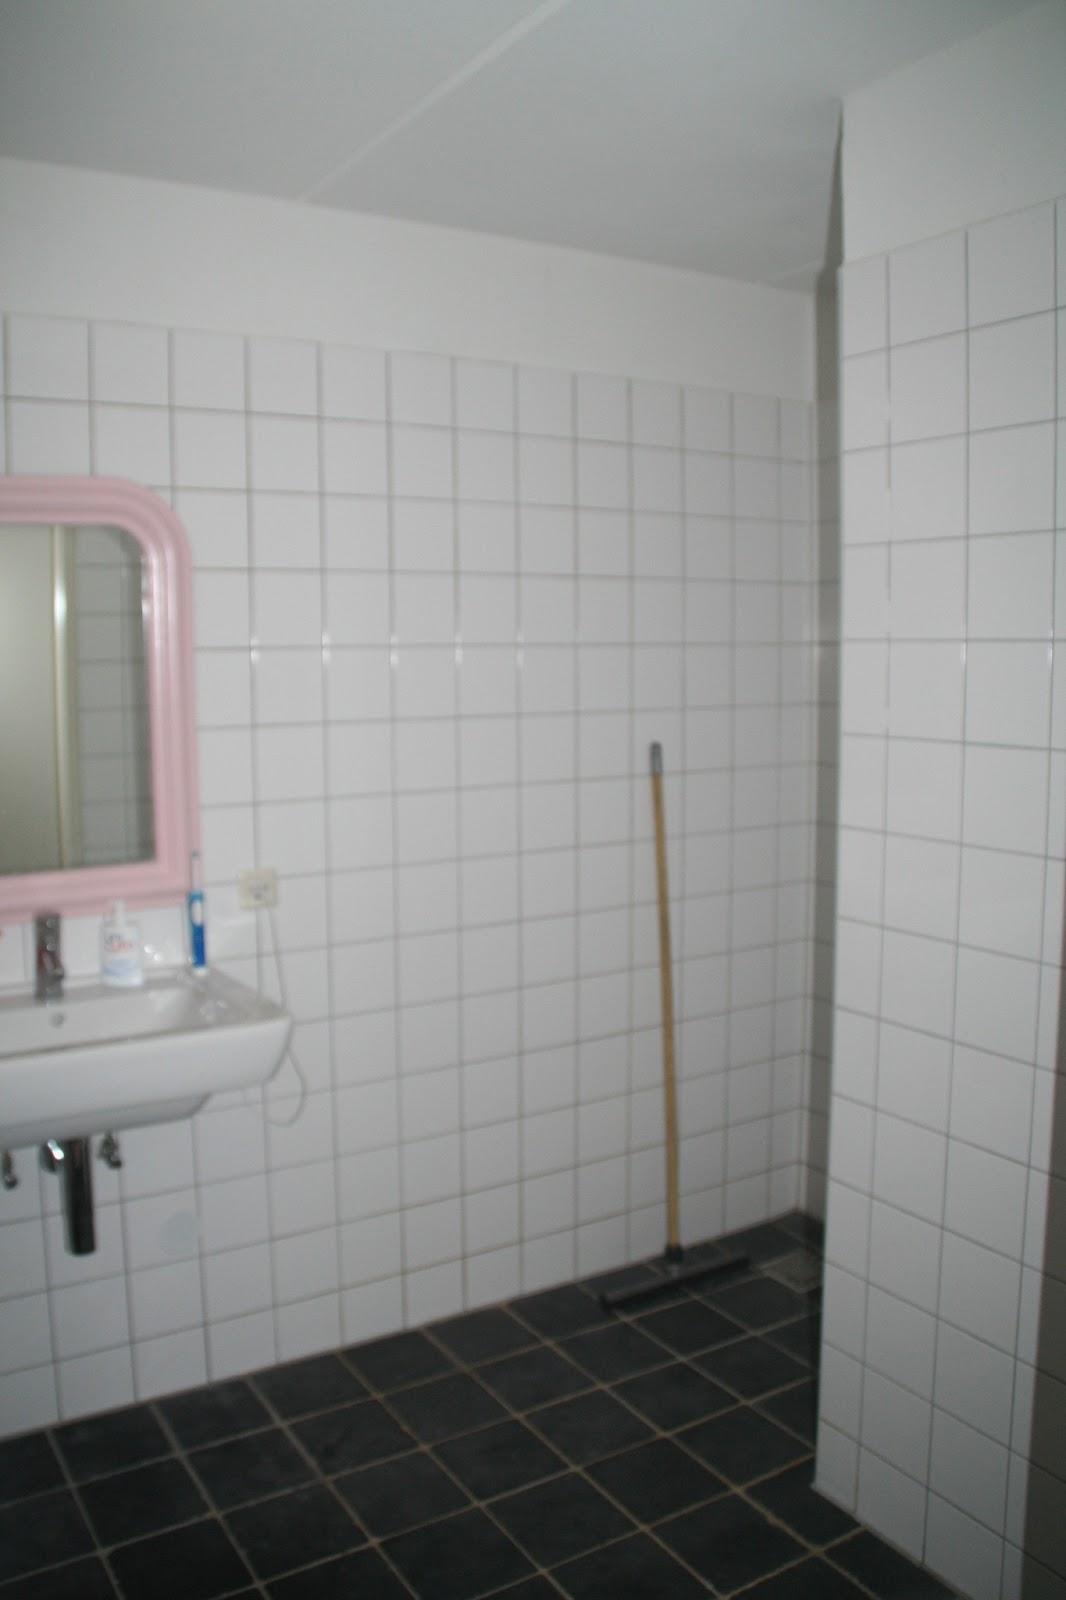 Standaard Keuken Nieuwbouw : de badkamer zoals hij nu is?. (donker, saai en van geen luxe